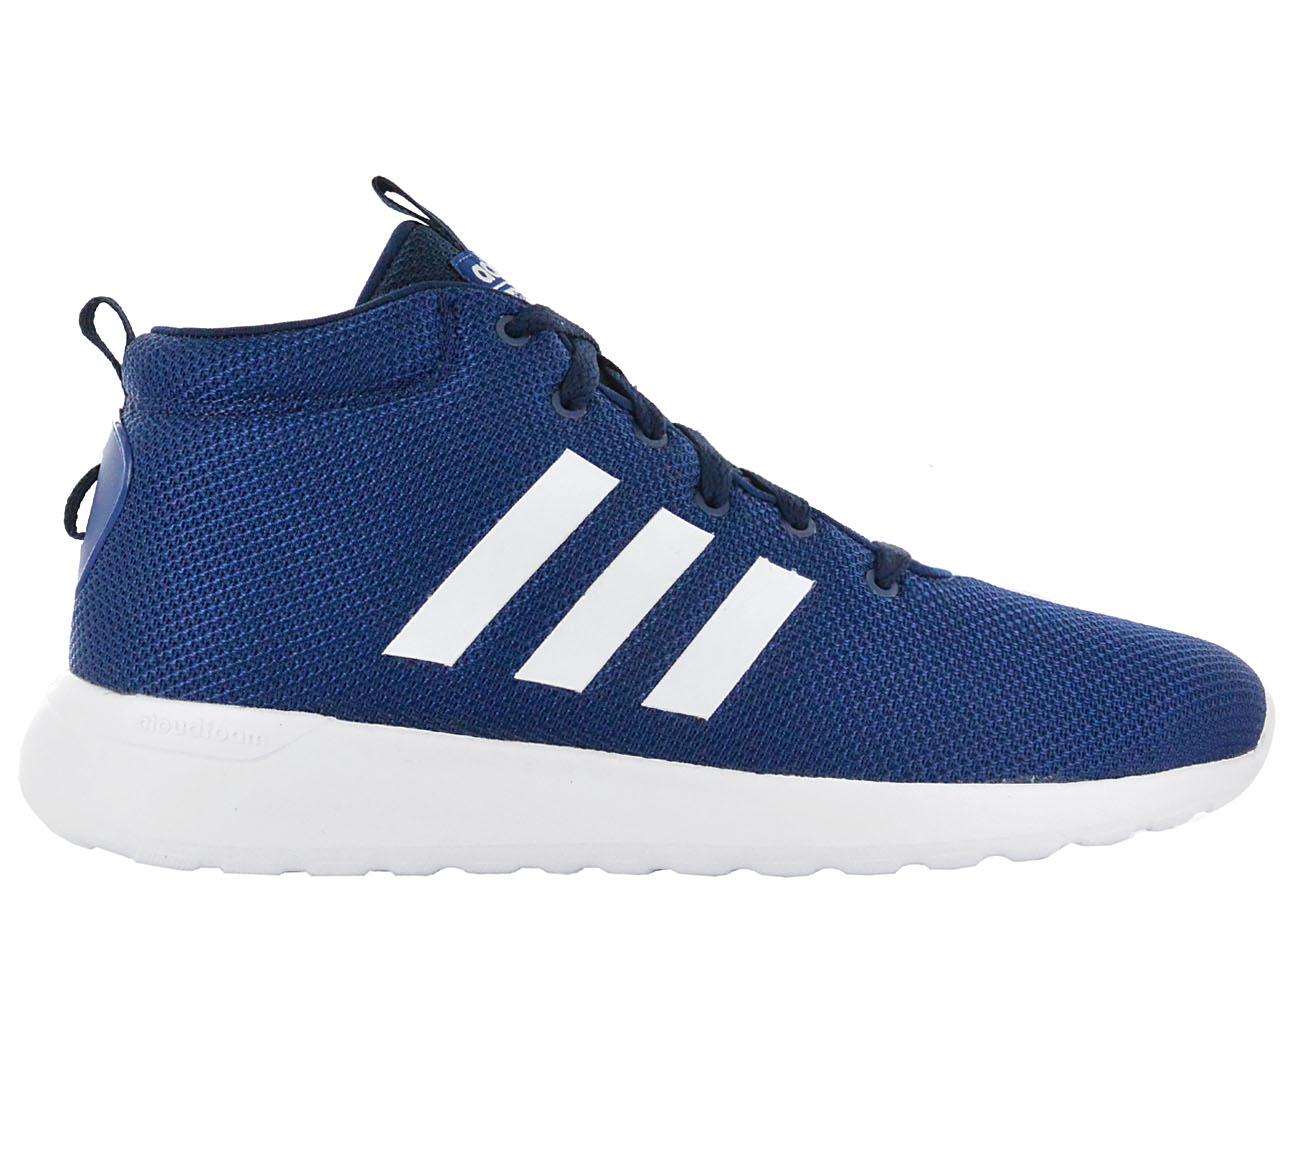 Scarpe adidas uomini cloudfoam lite racer metà di scarpe blu.